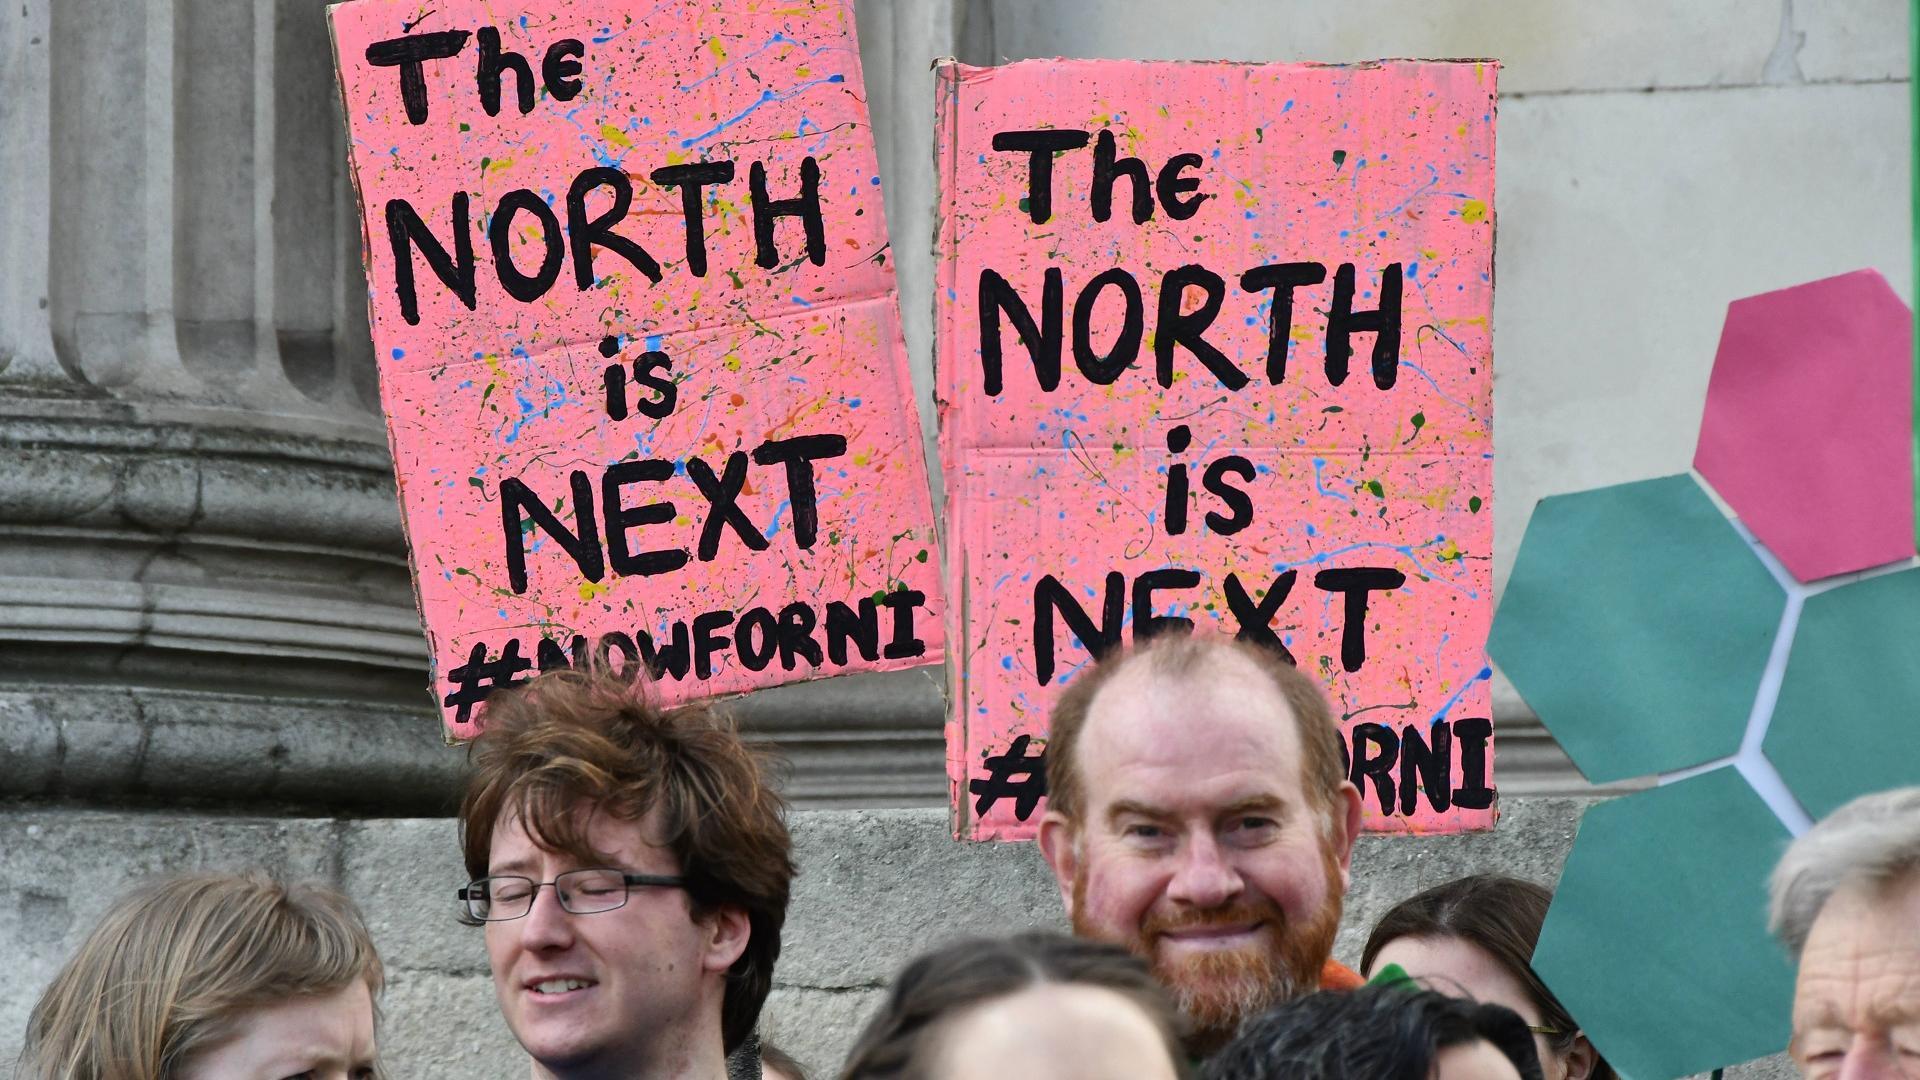 Iren und Briten protestieren zur Änderung der Rechtslage zur Abtreibung